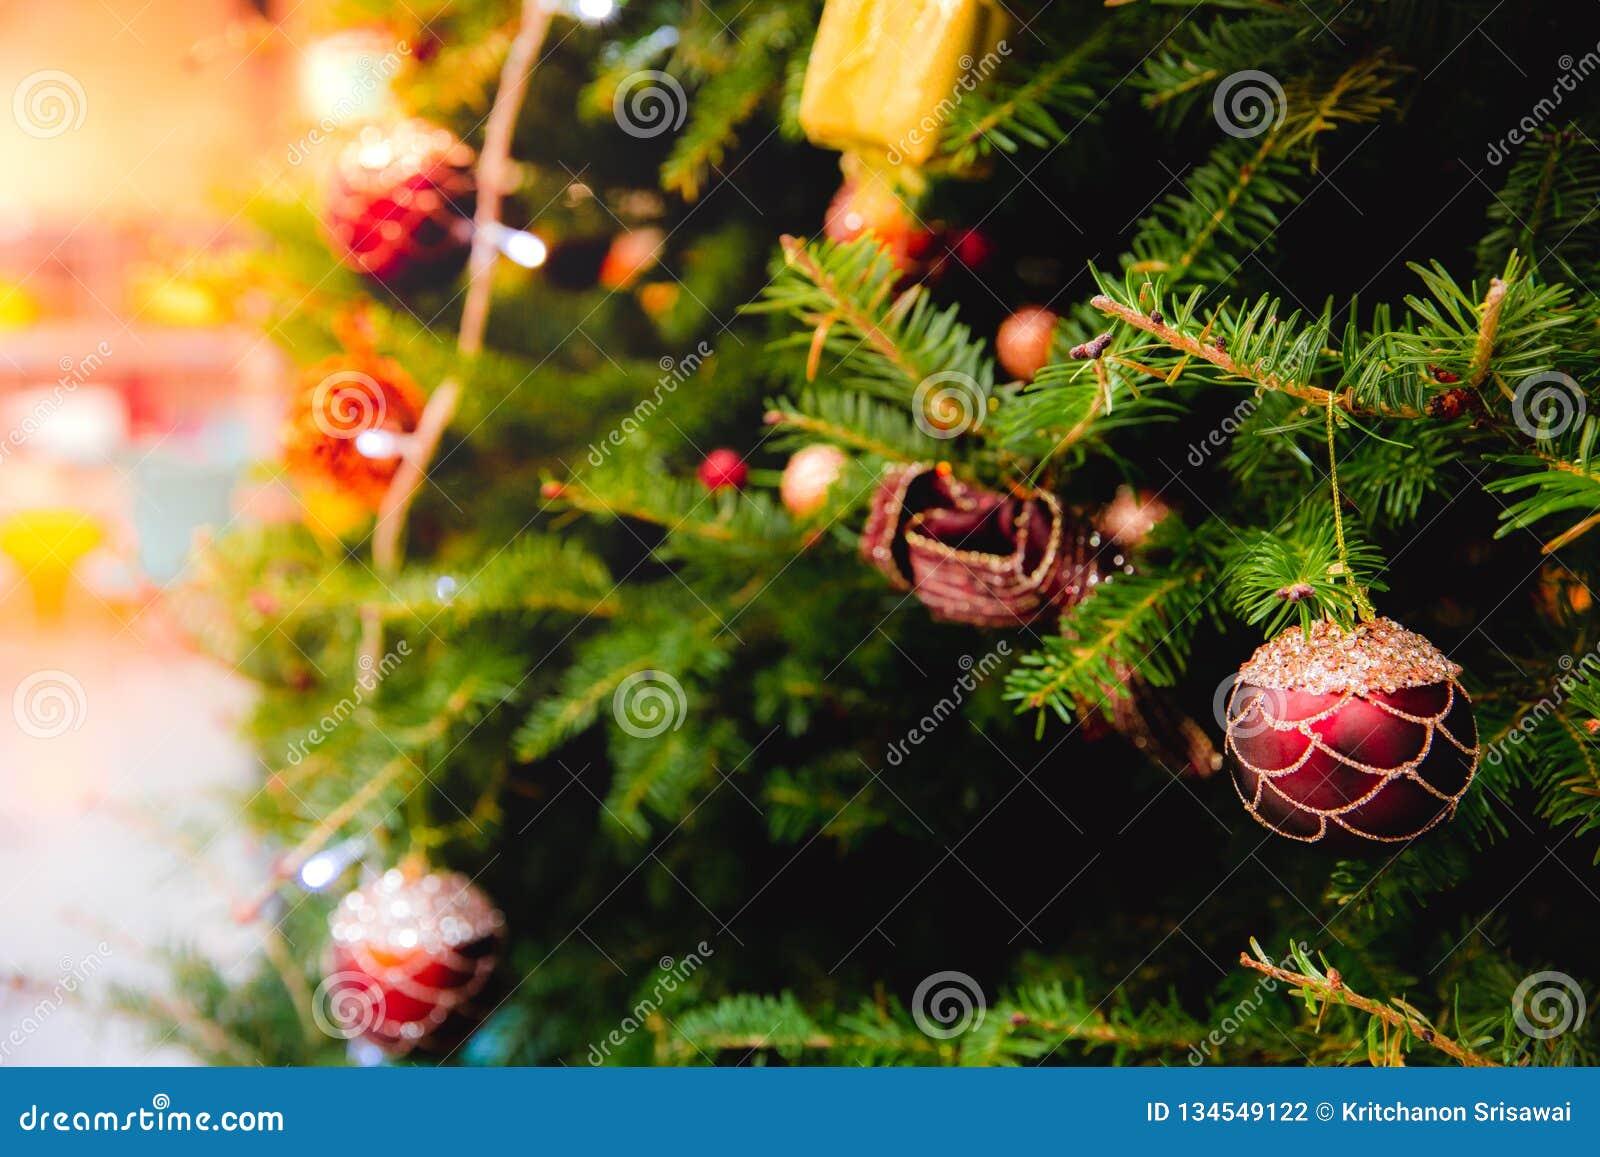 Unscharfe Zusammenfassung des Weihnachtsbaums verziert mit hängende Flitterball-, heller und kleinergeschenkbox